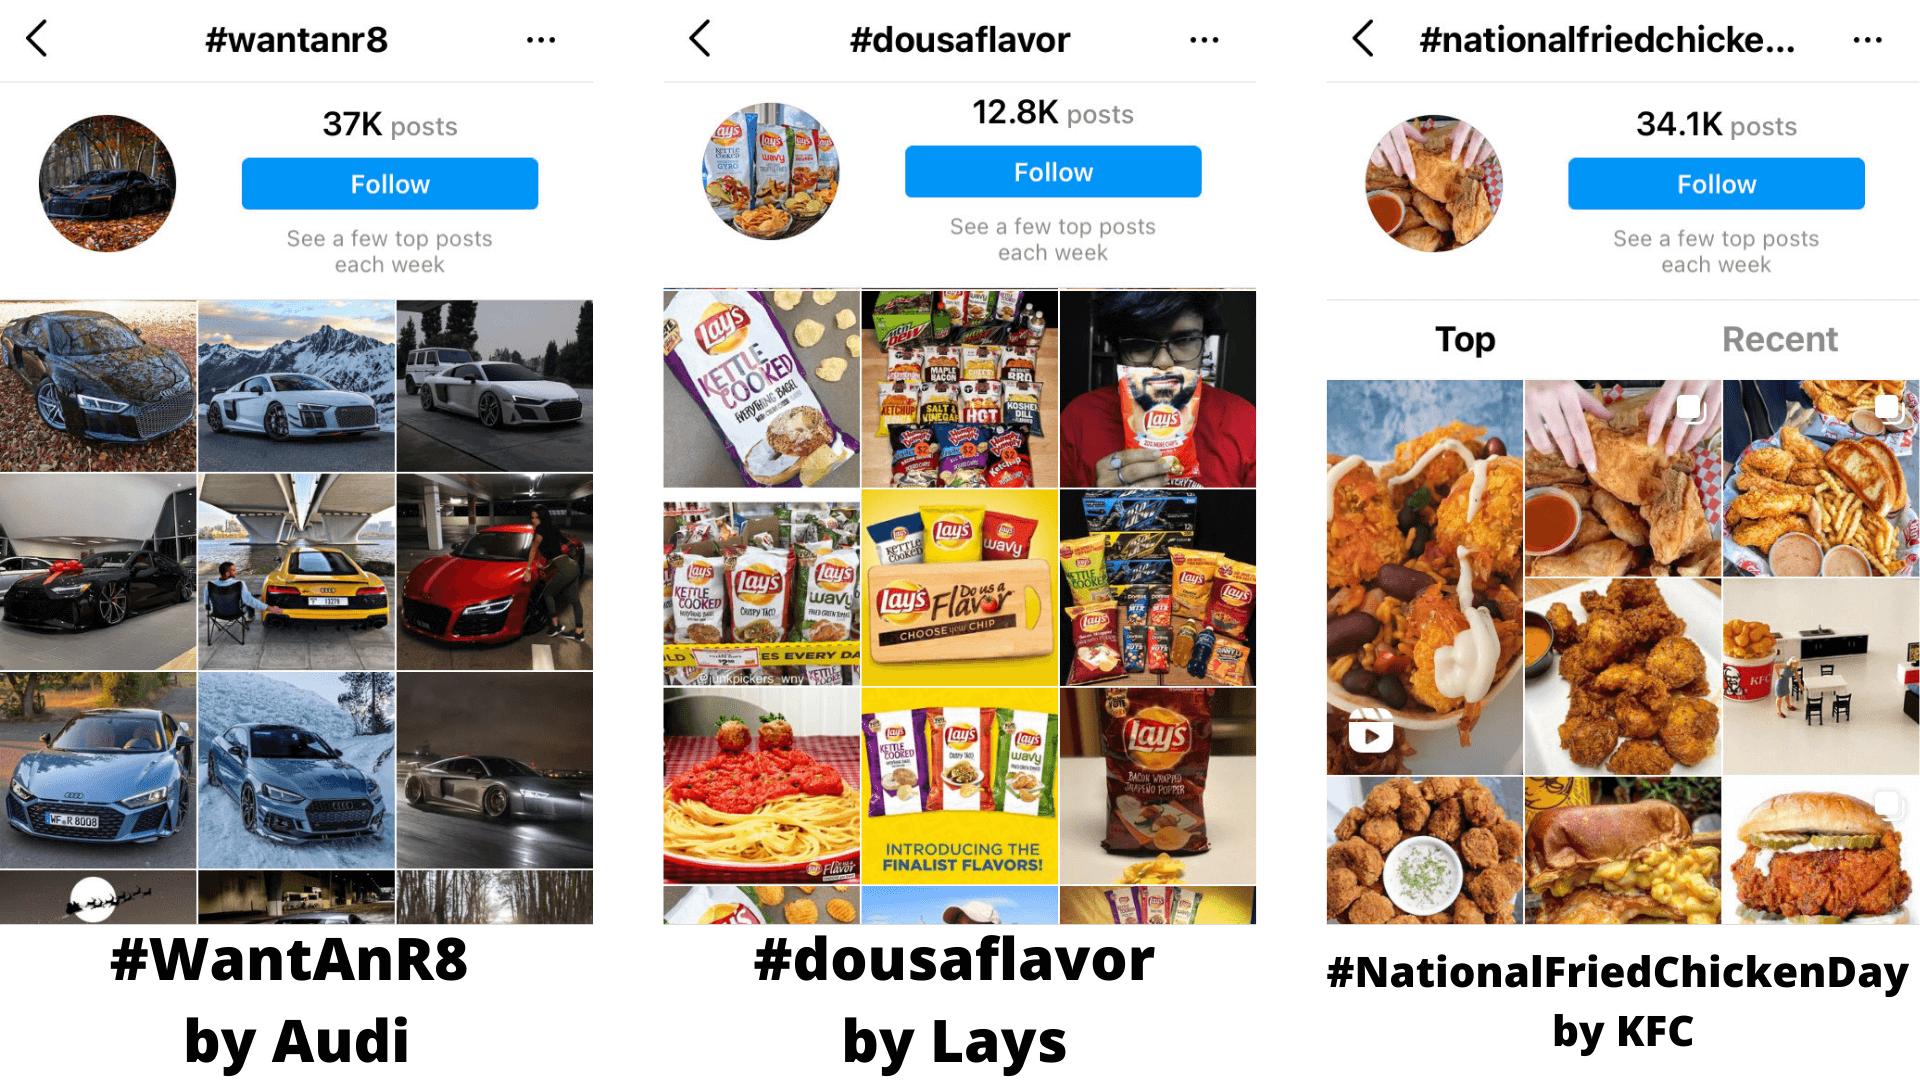 hashtag contest